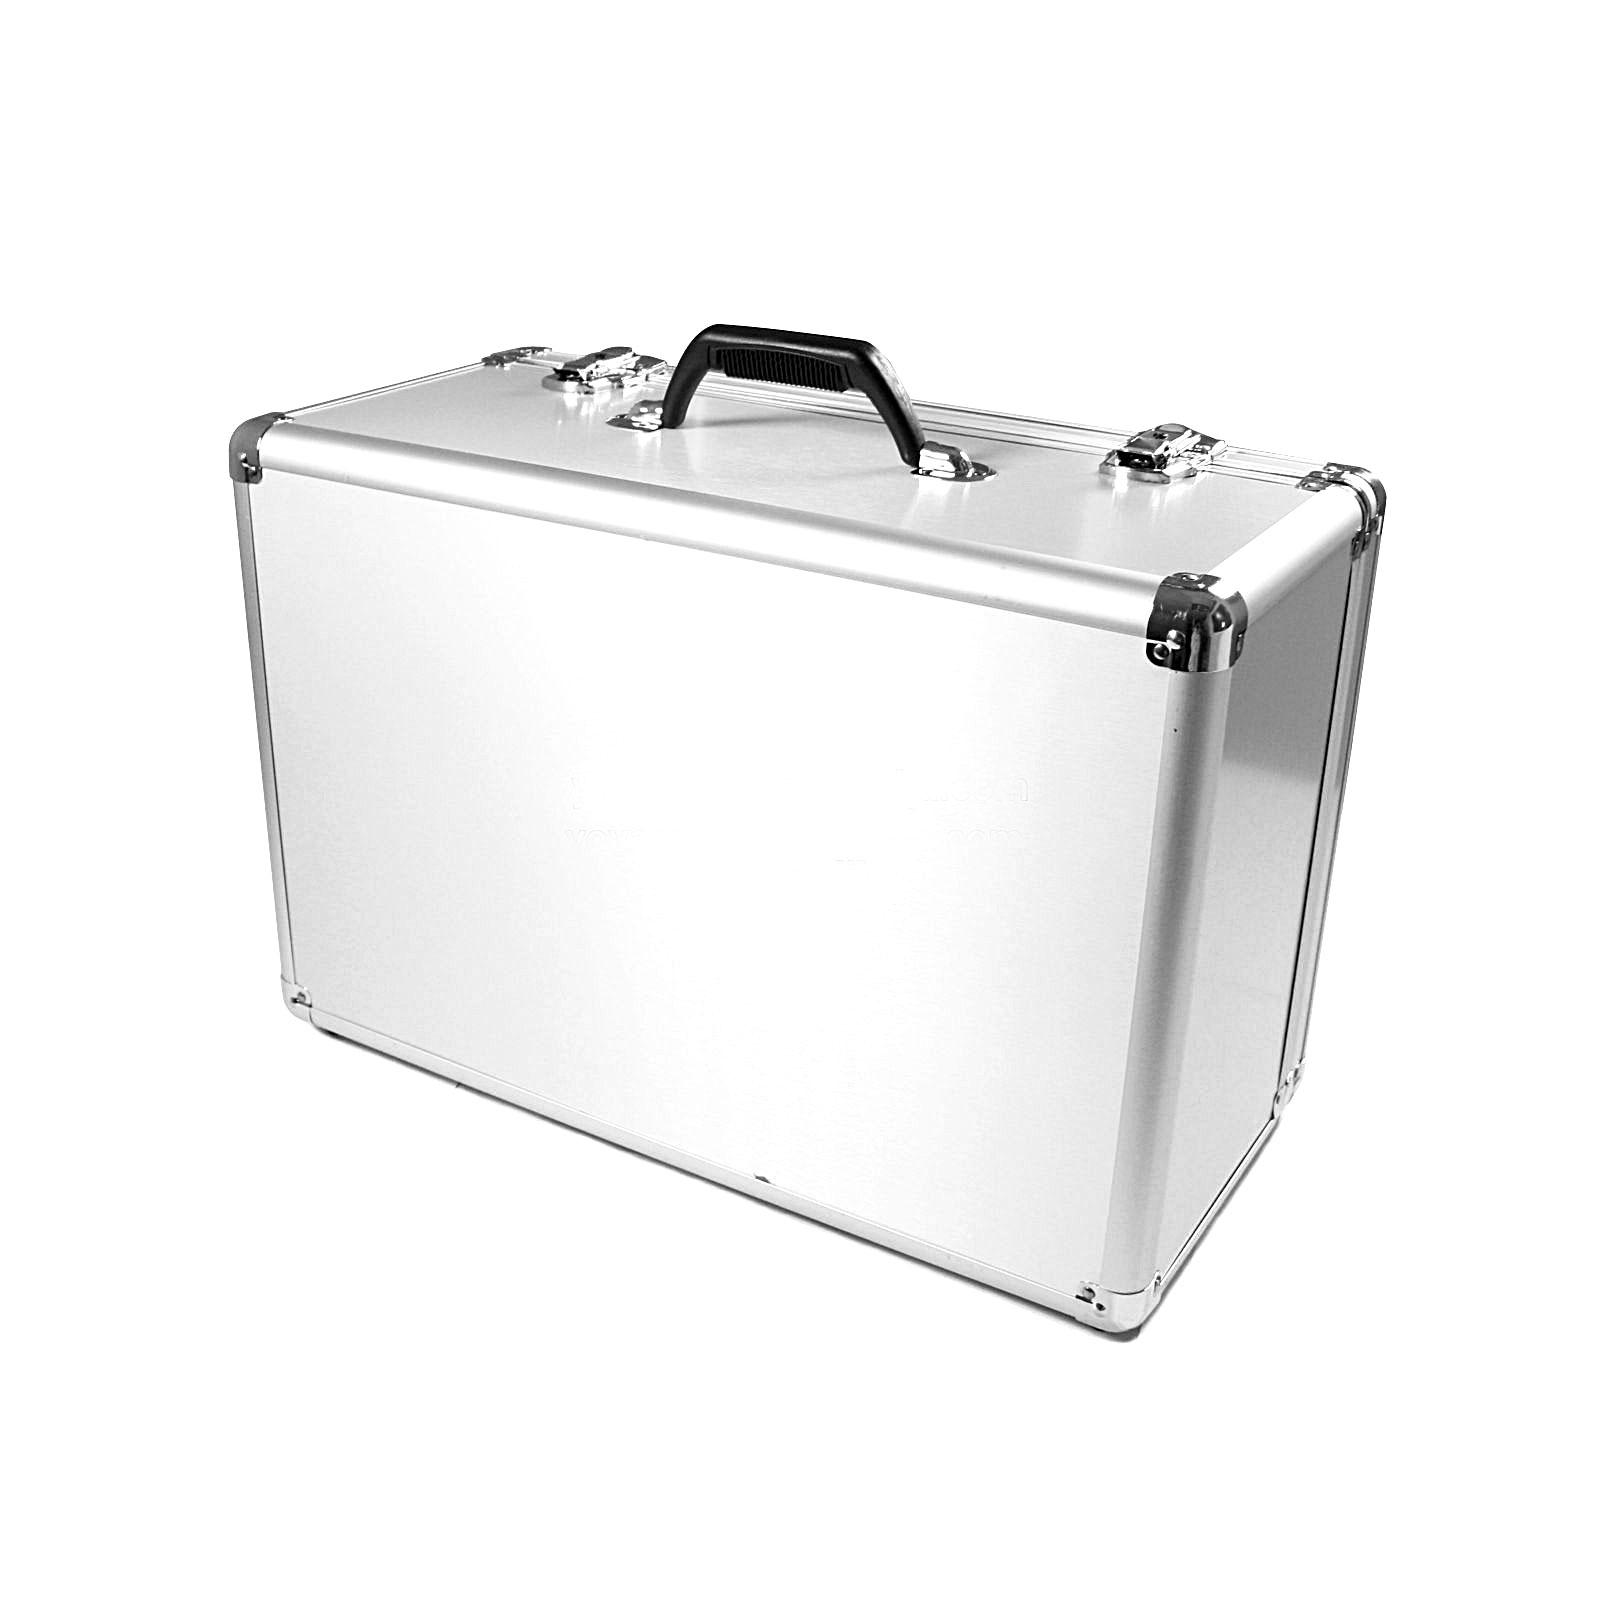 Алюминиевый кейс mavik по себестоимости купить dji goggles в грозный